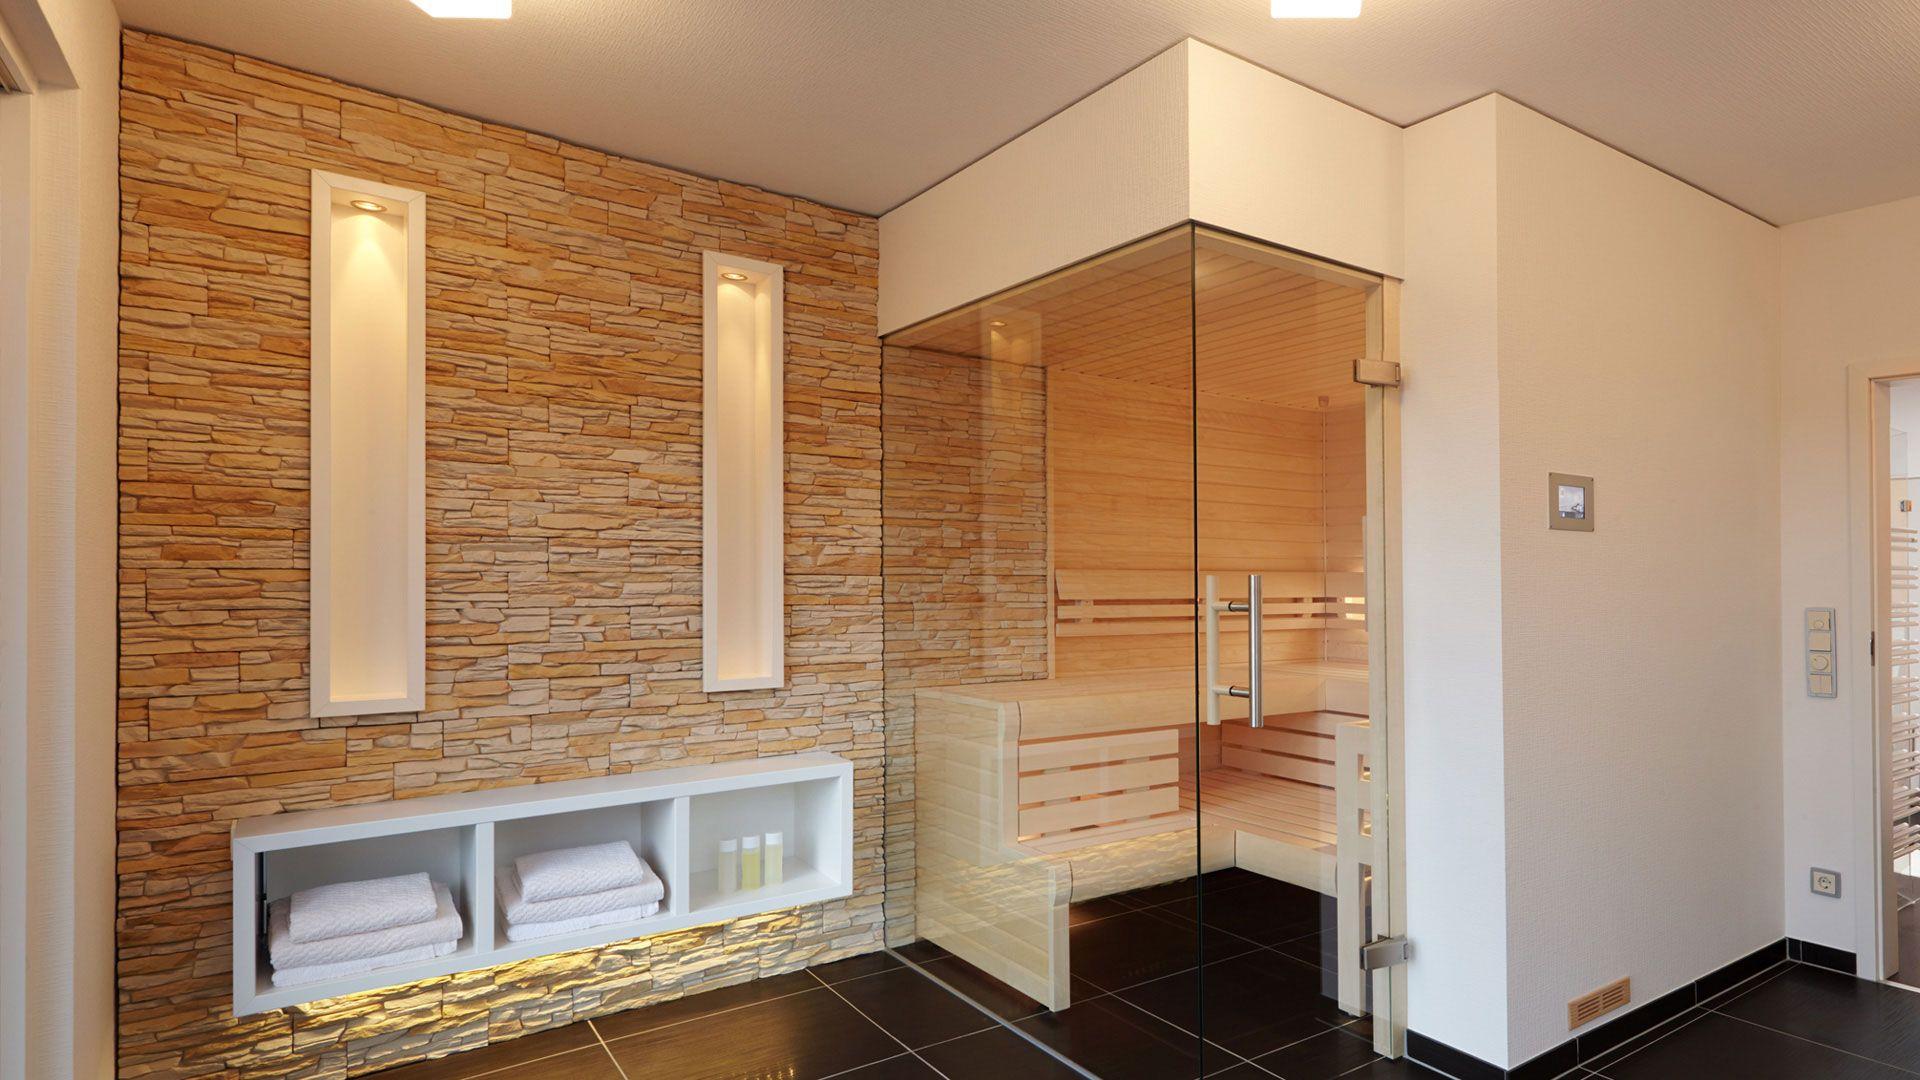 Asiatische Individuelle Wellness Romantische Puristische Rustikale Sauna Exklusive Saunen Hausrenovierung Bad Fliesen Ideen Spa Zu Hause